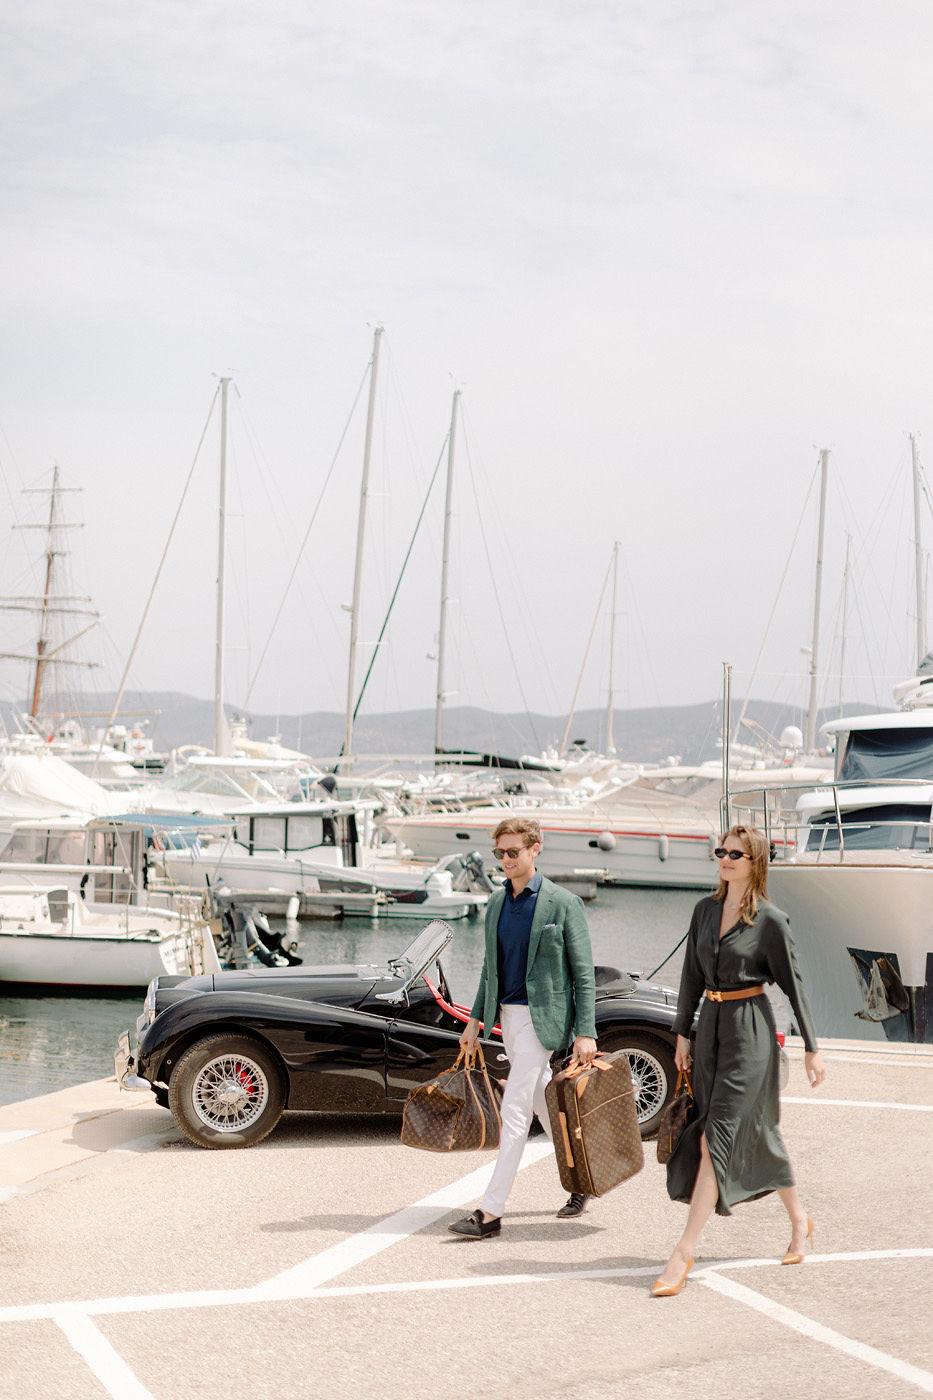 Wedding Proposal In Athens - Marina